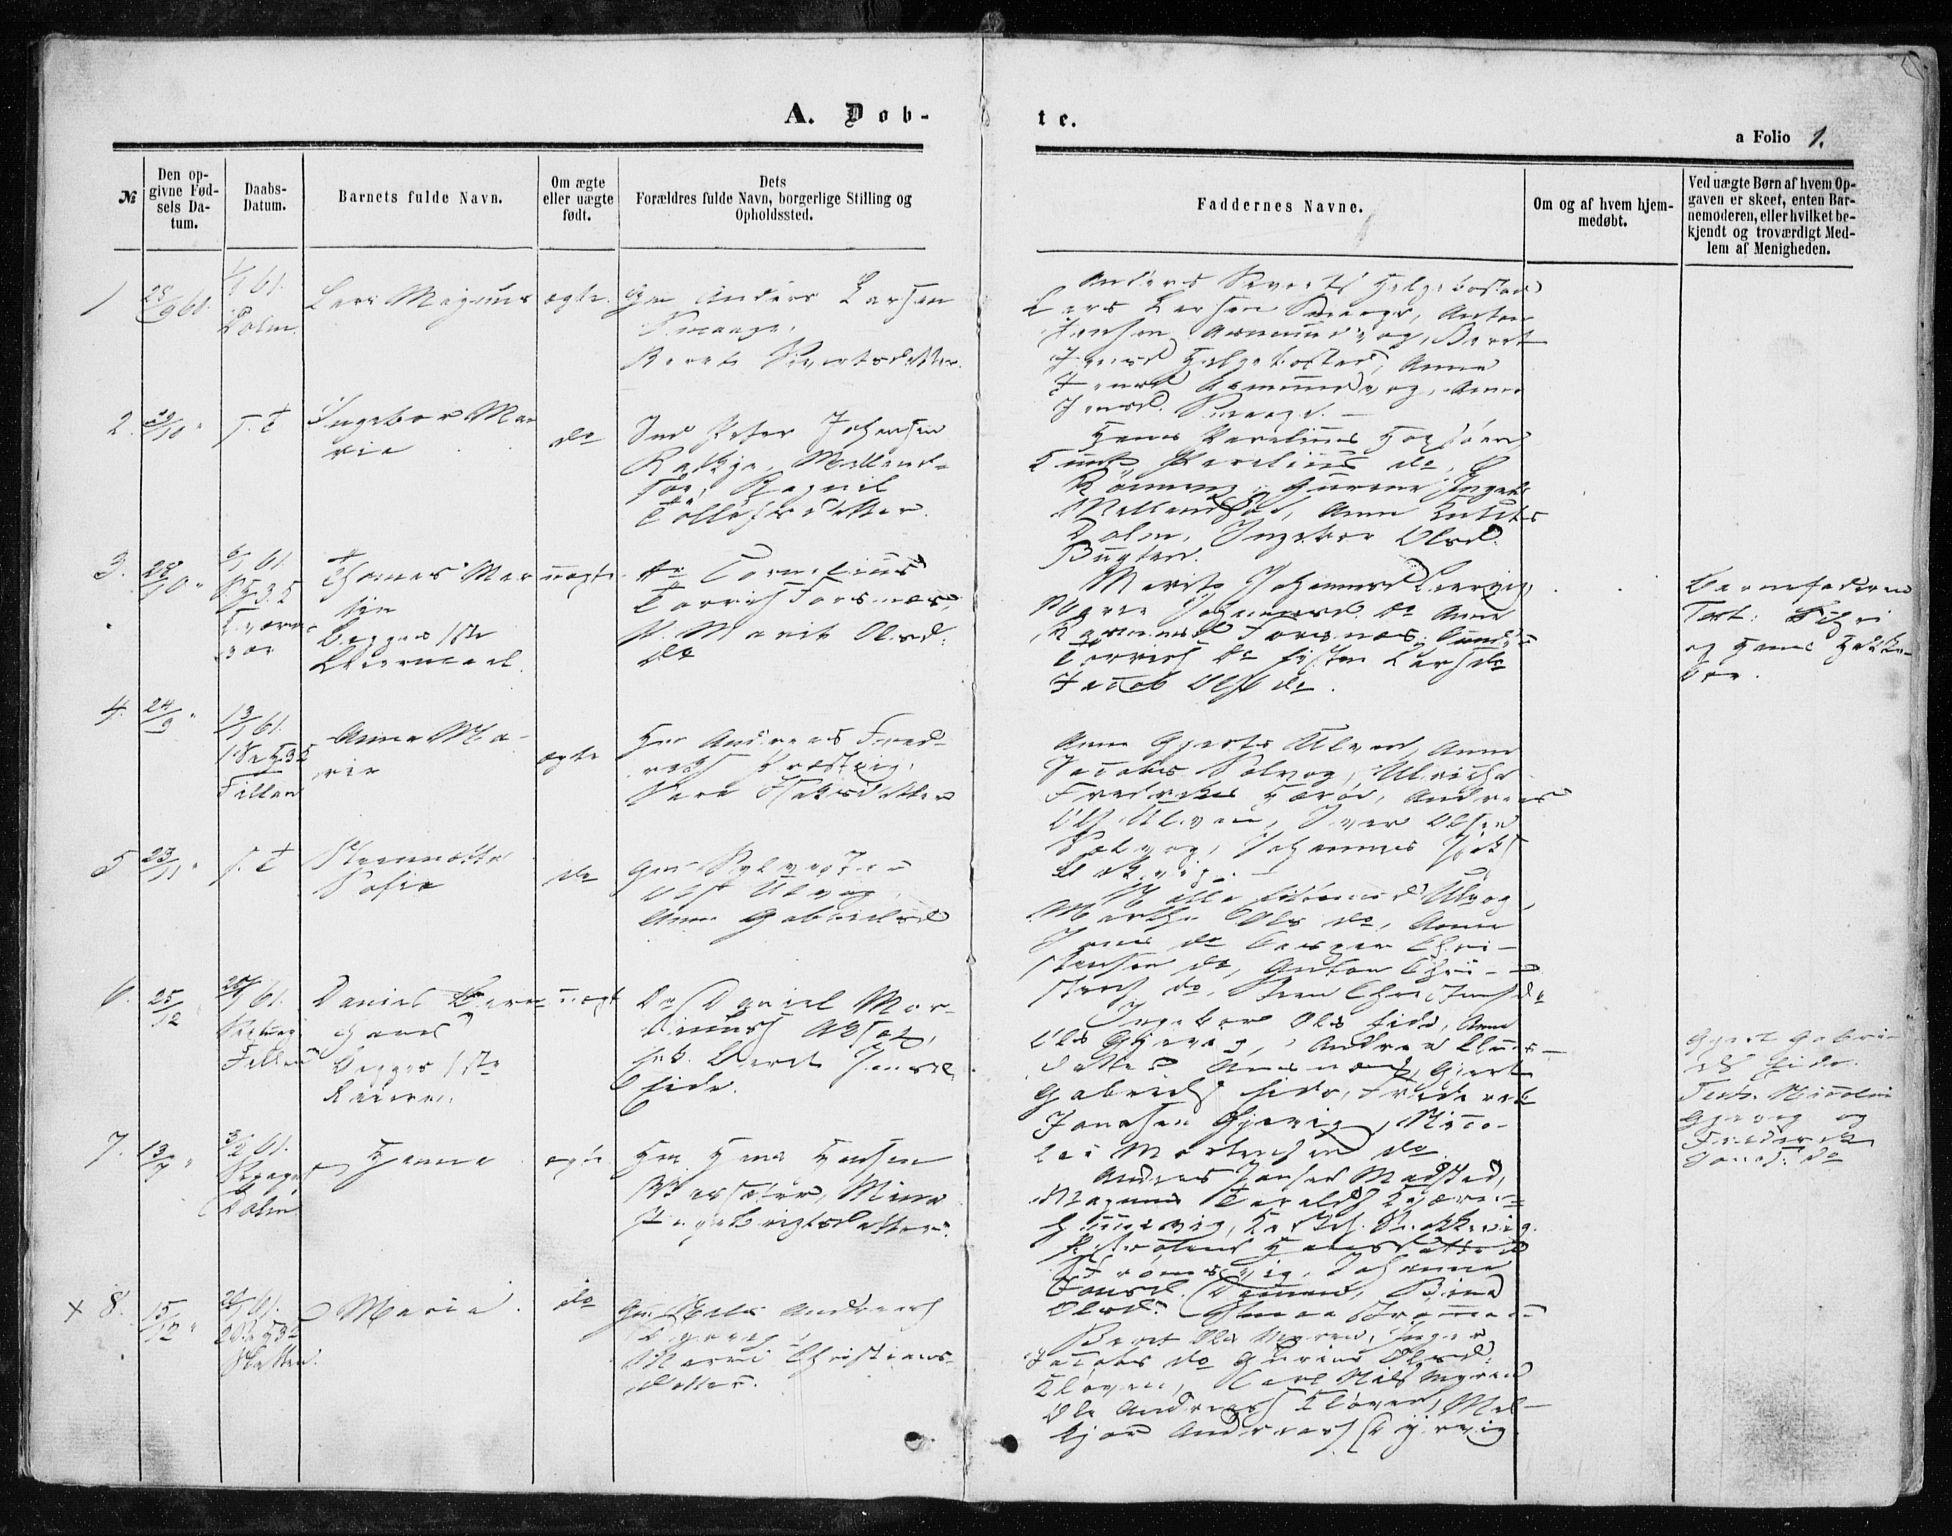 SAT, Ministerialprotokoller, klokkerbøker og fødselsregistre - Sør-Trøndelag, 634/L0531: Ministerialbok nr. 634A07, 1861-1870, s. 1